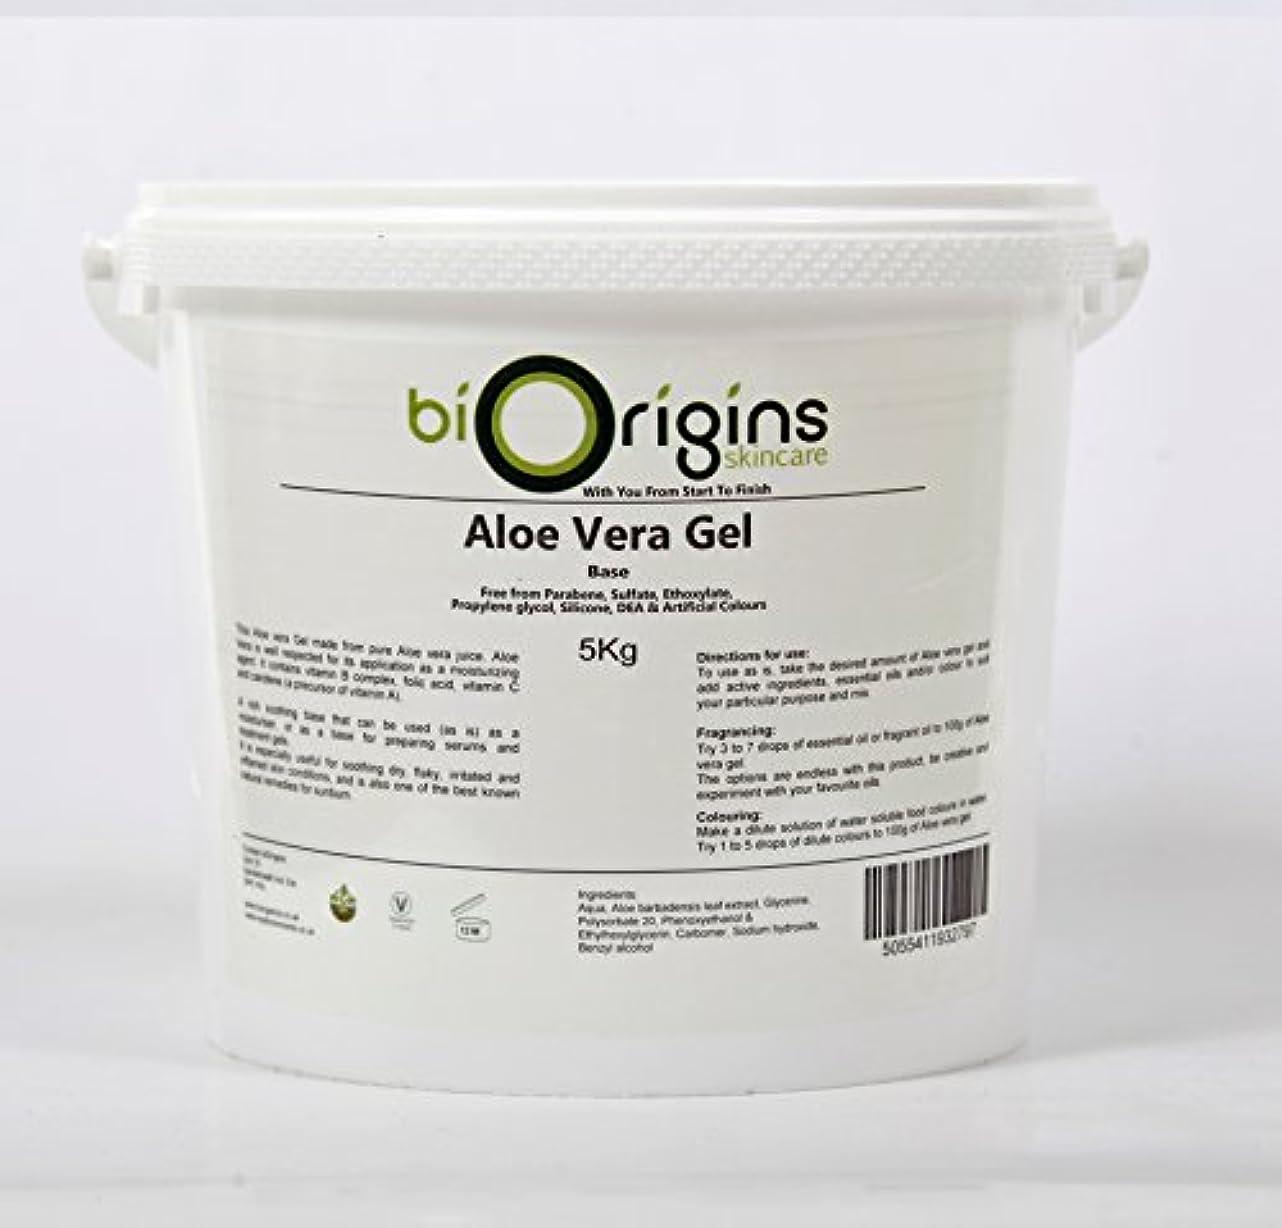 Aloe Vera Gel Skincare Base 5Kg